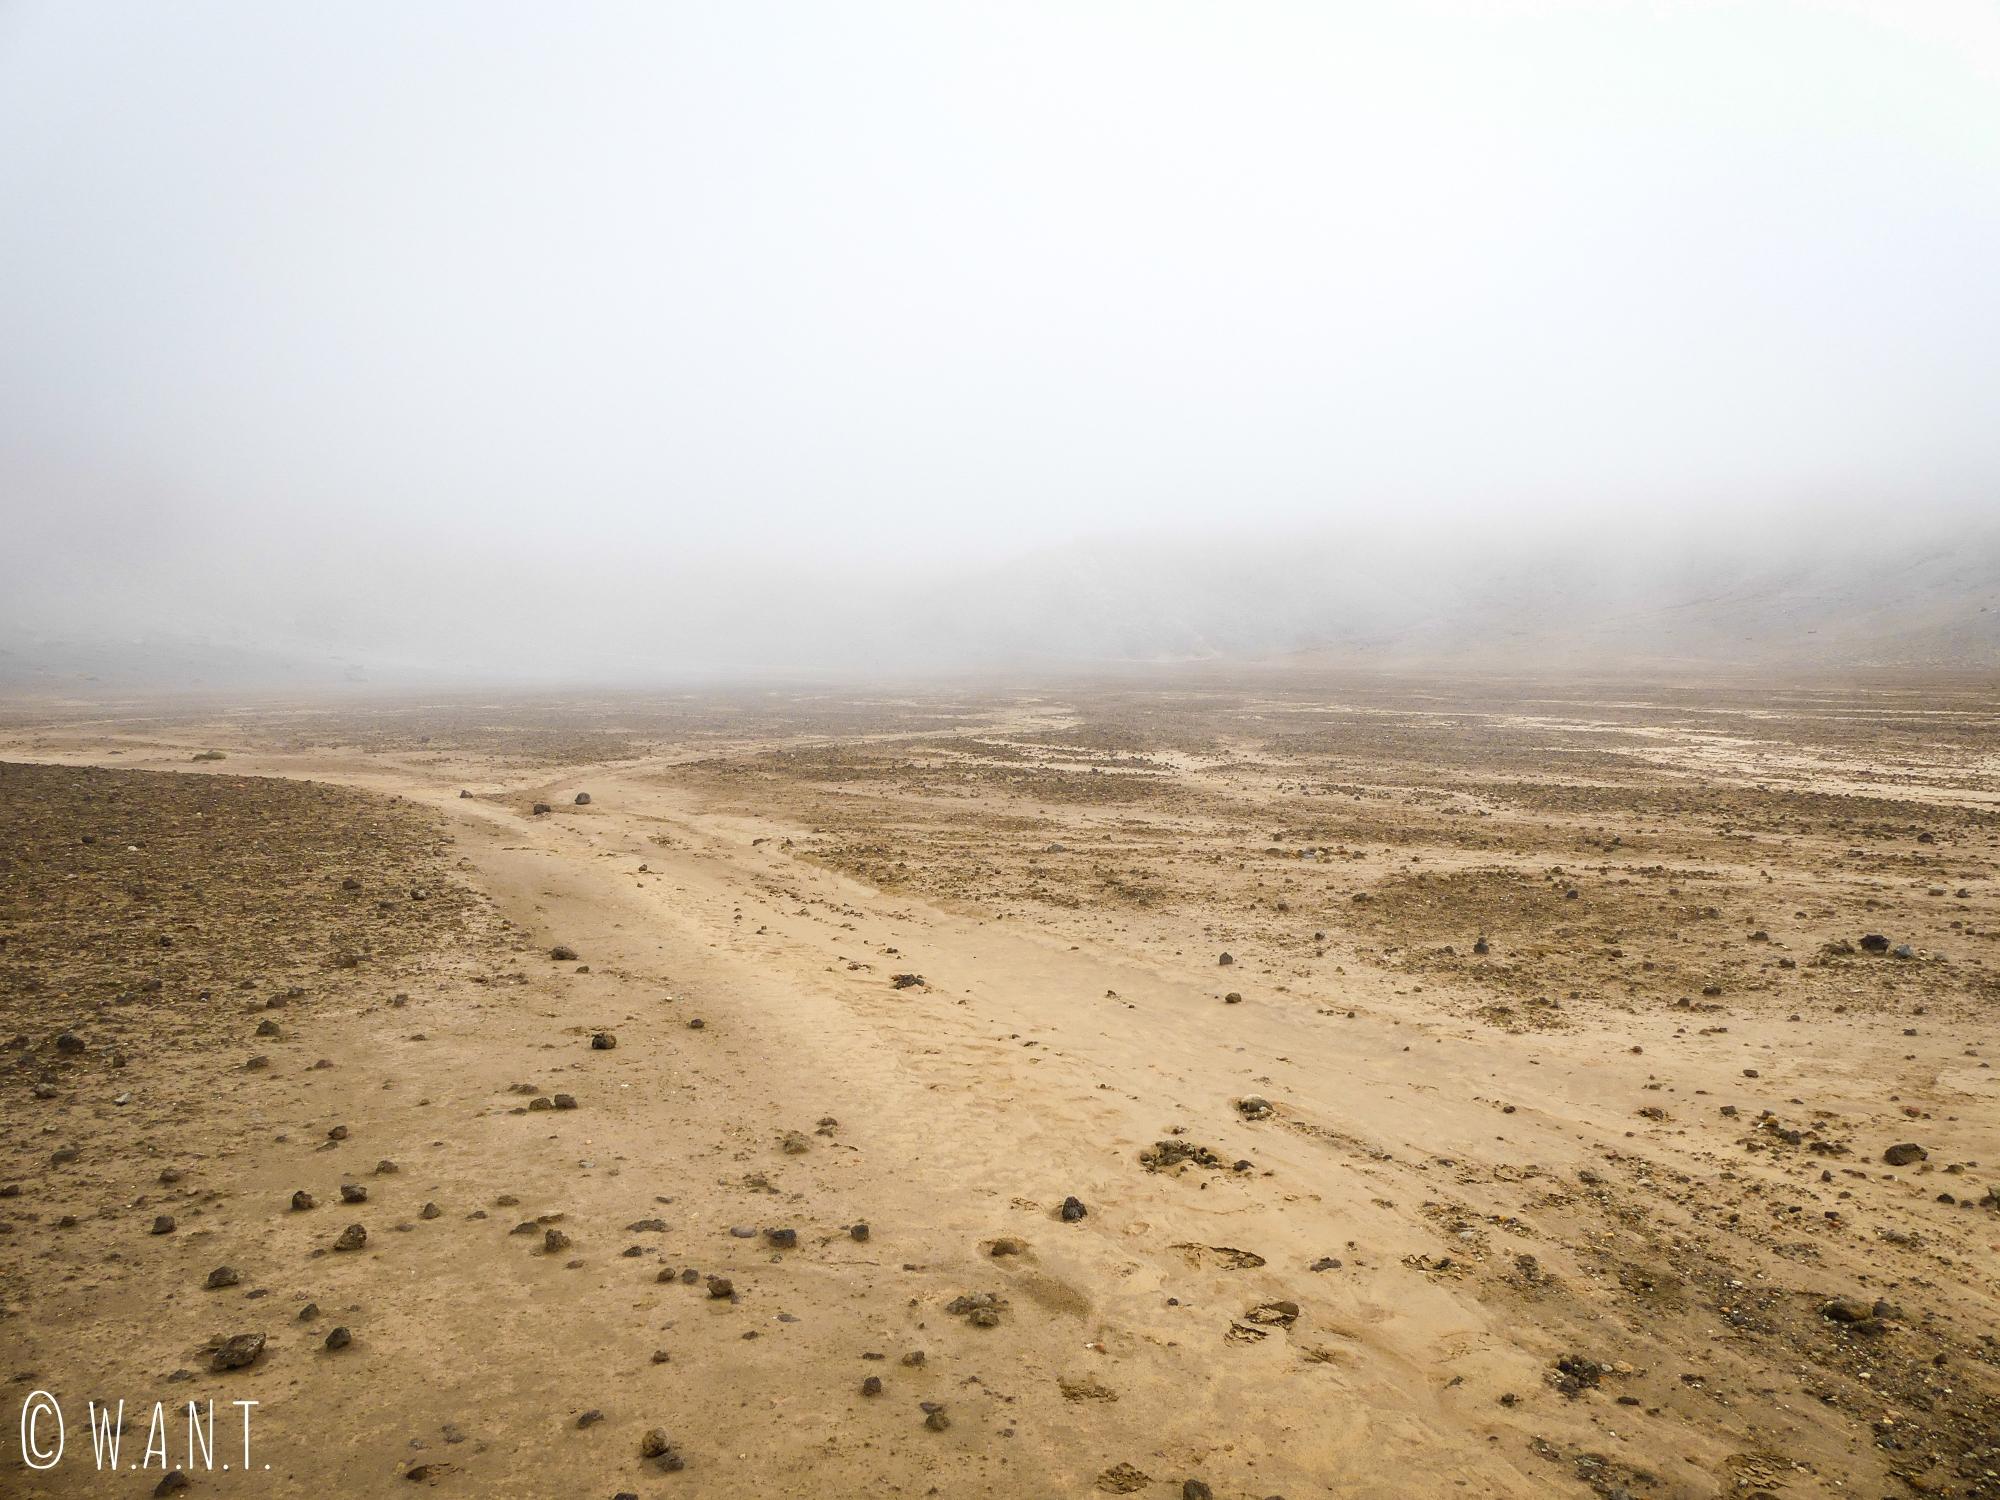 Le brouillard nous a gagné lors de notre ascension vers le Red Crater sur la randonnée « Tongariro Alpine Crossing » en Nouvelle-Zélande